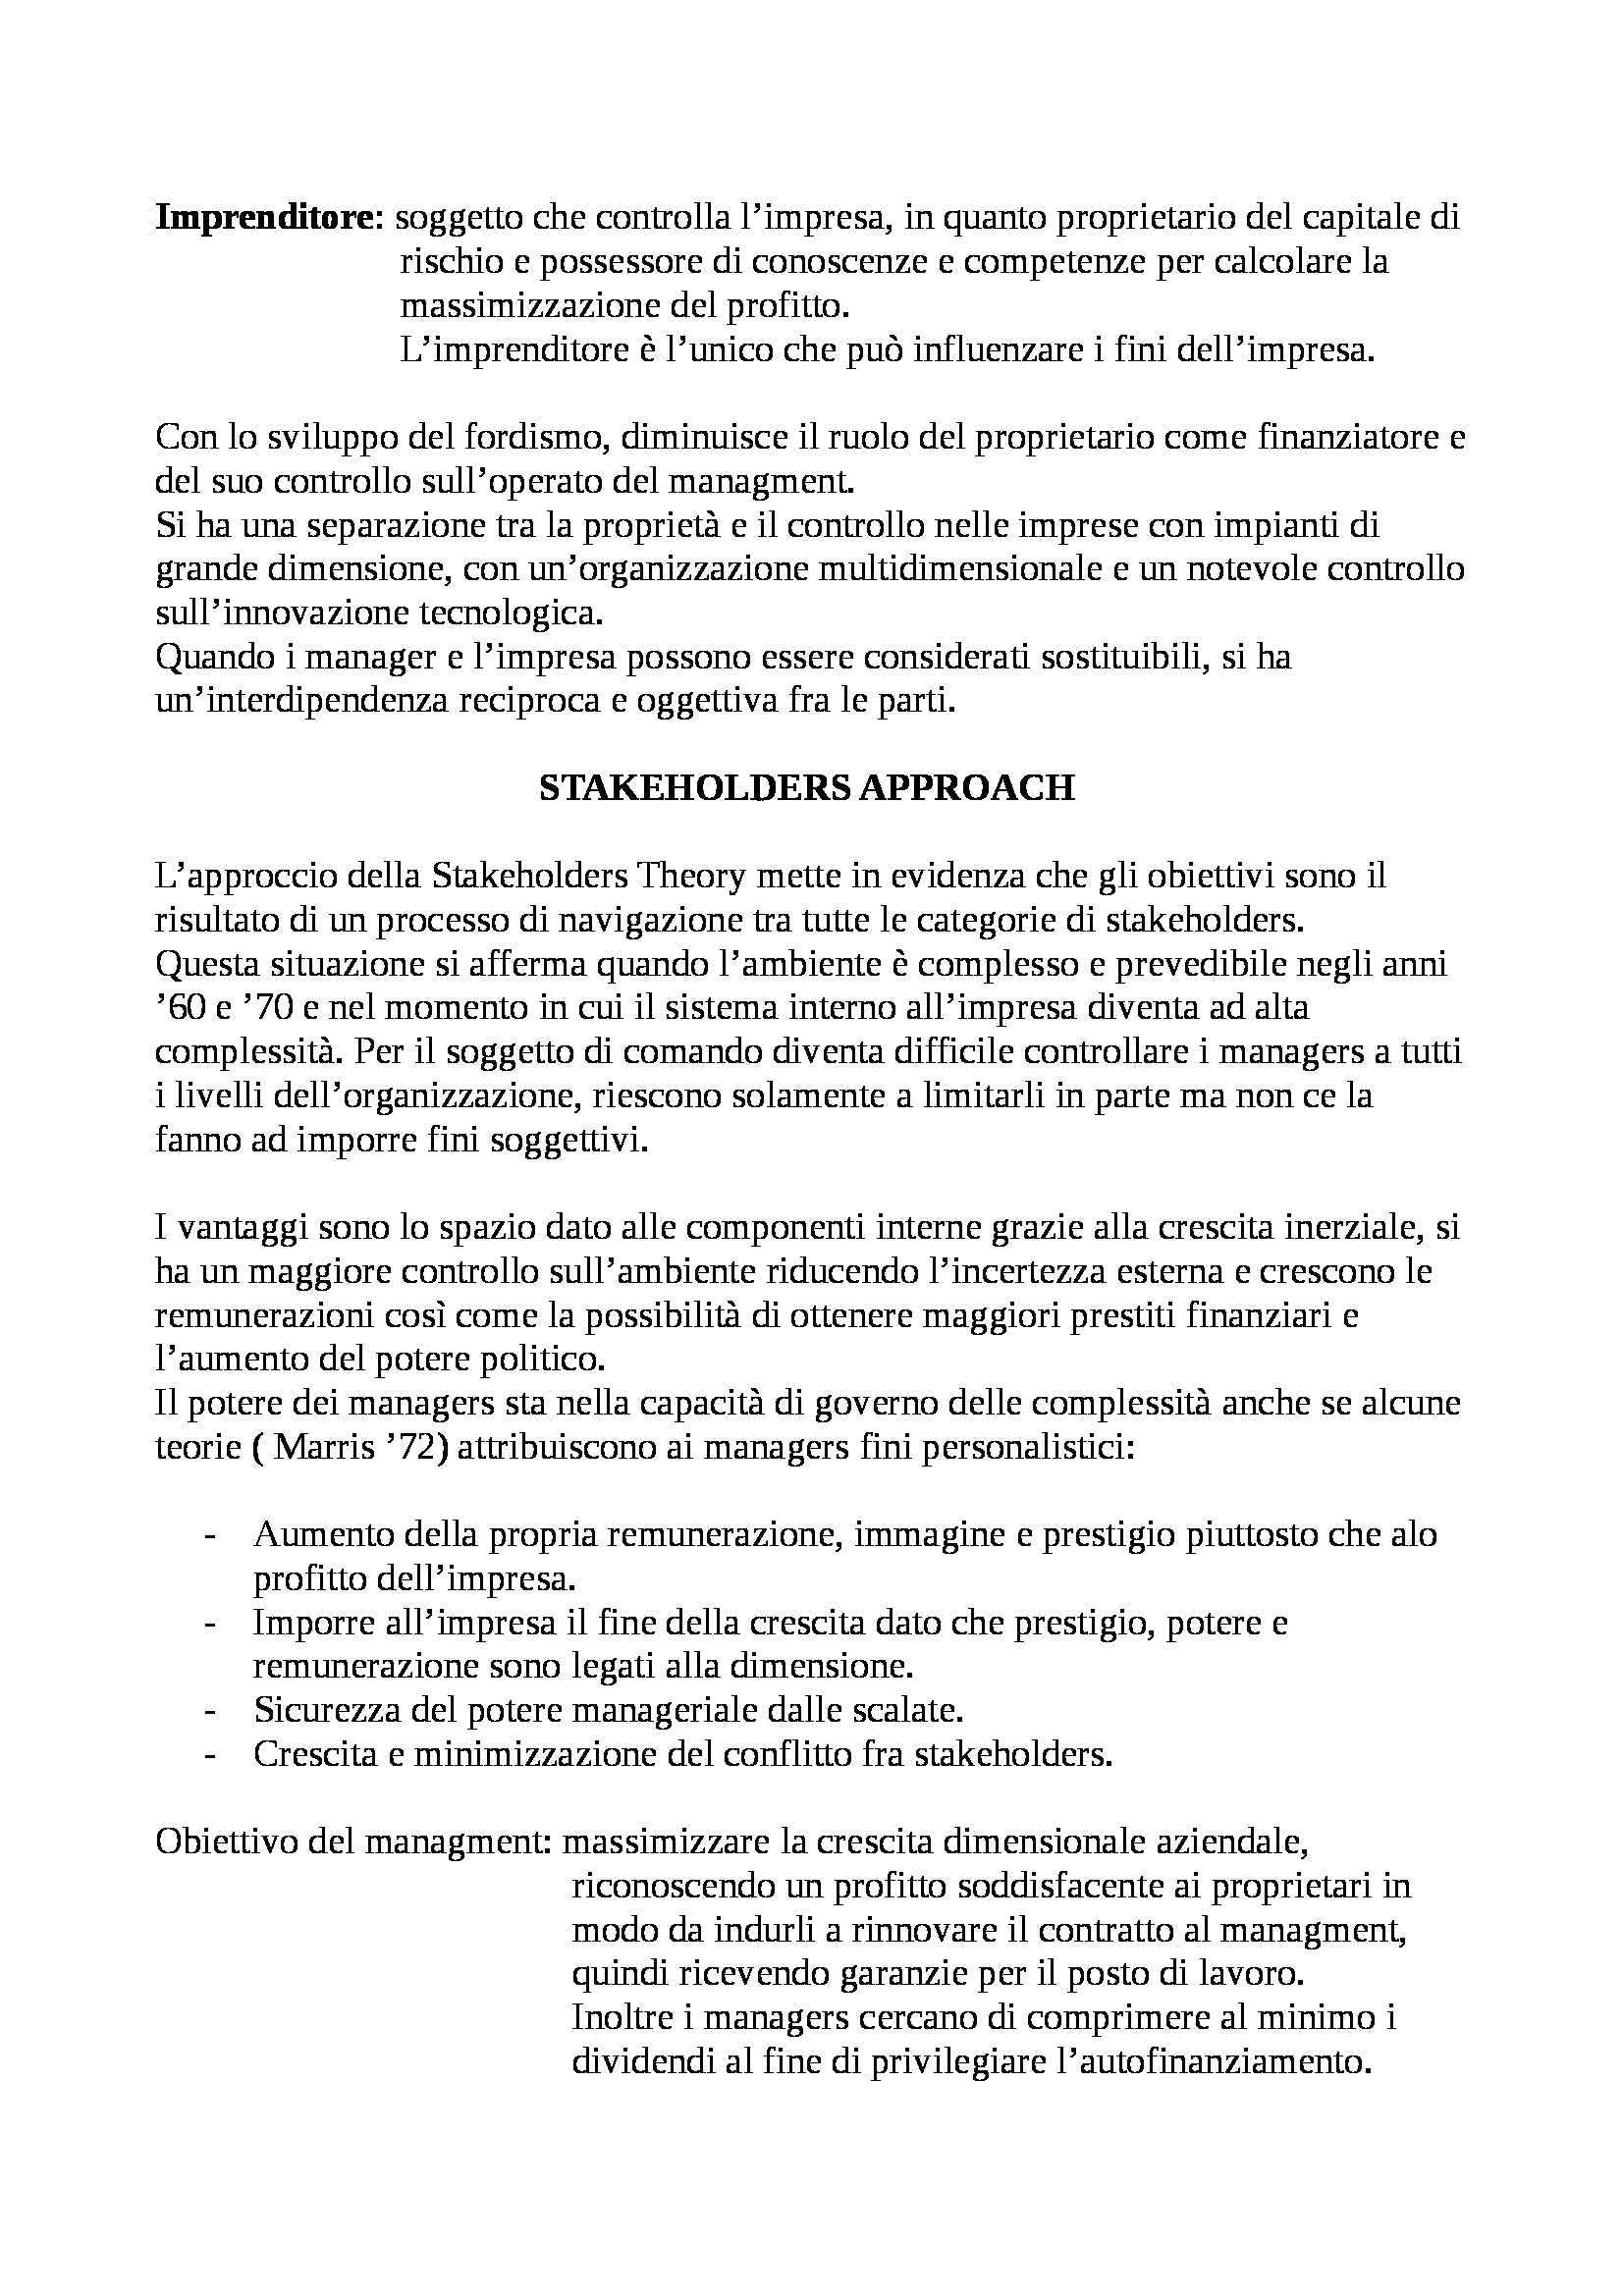 Economia e gestione delle imprese - Appunti Pag. 6